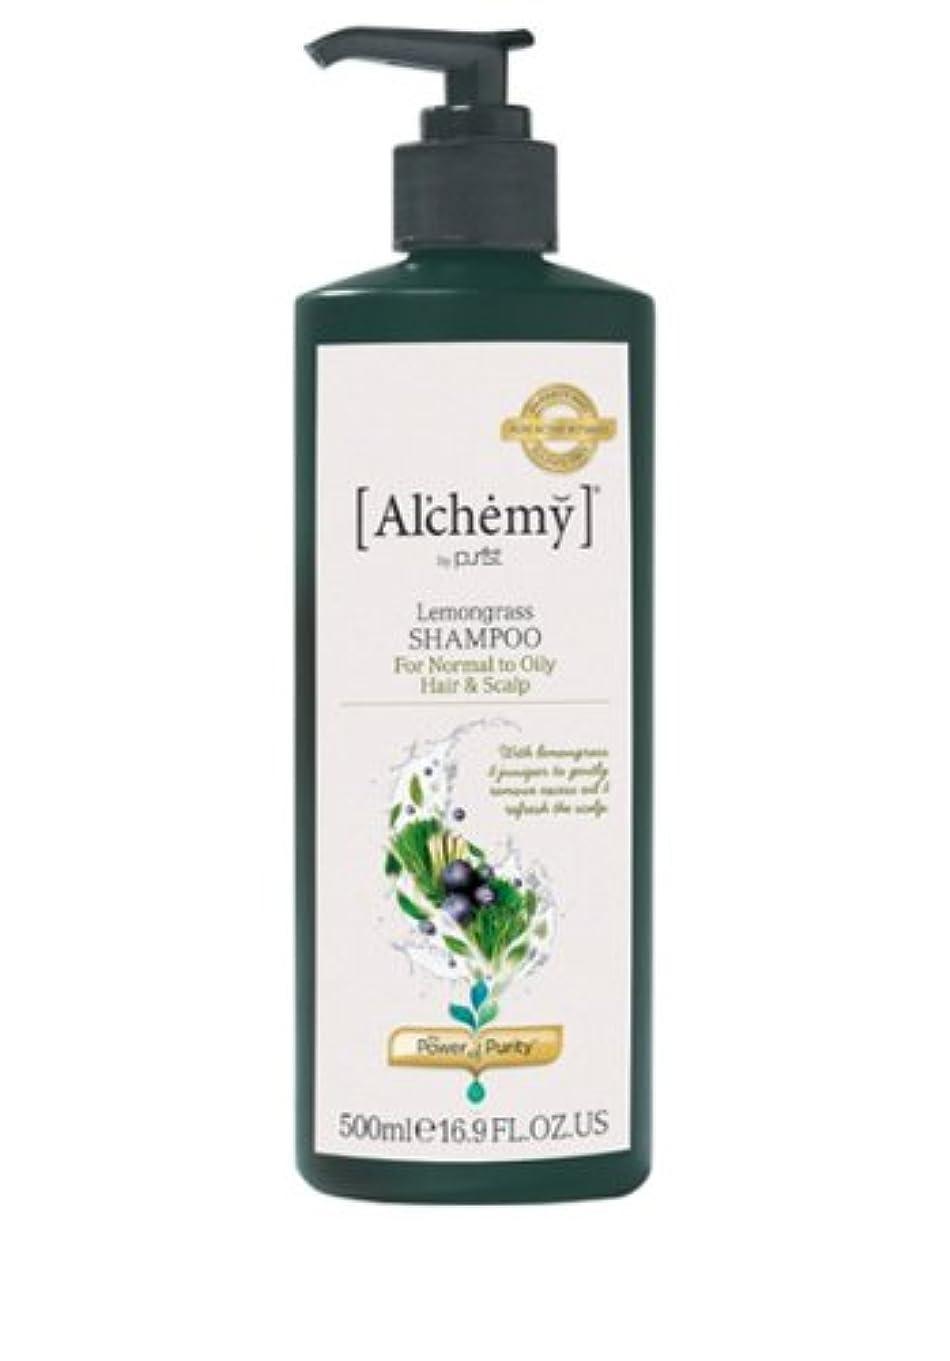 魚素子レンダリング【Al'chemy(alchemy)】アルケミー レモングラスシャンプー(Lemongrass Shampoo)(オイリー髪用)お徳用500ml